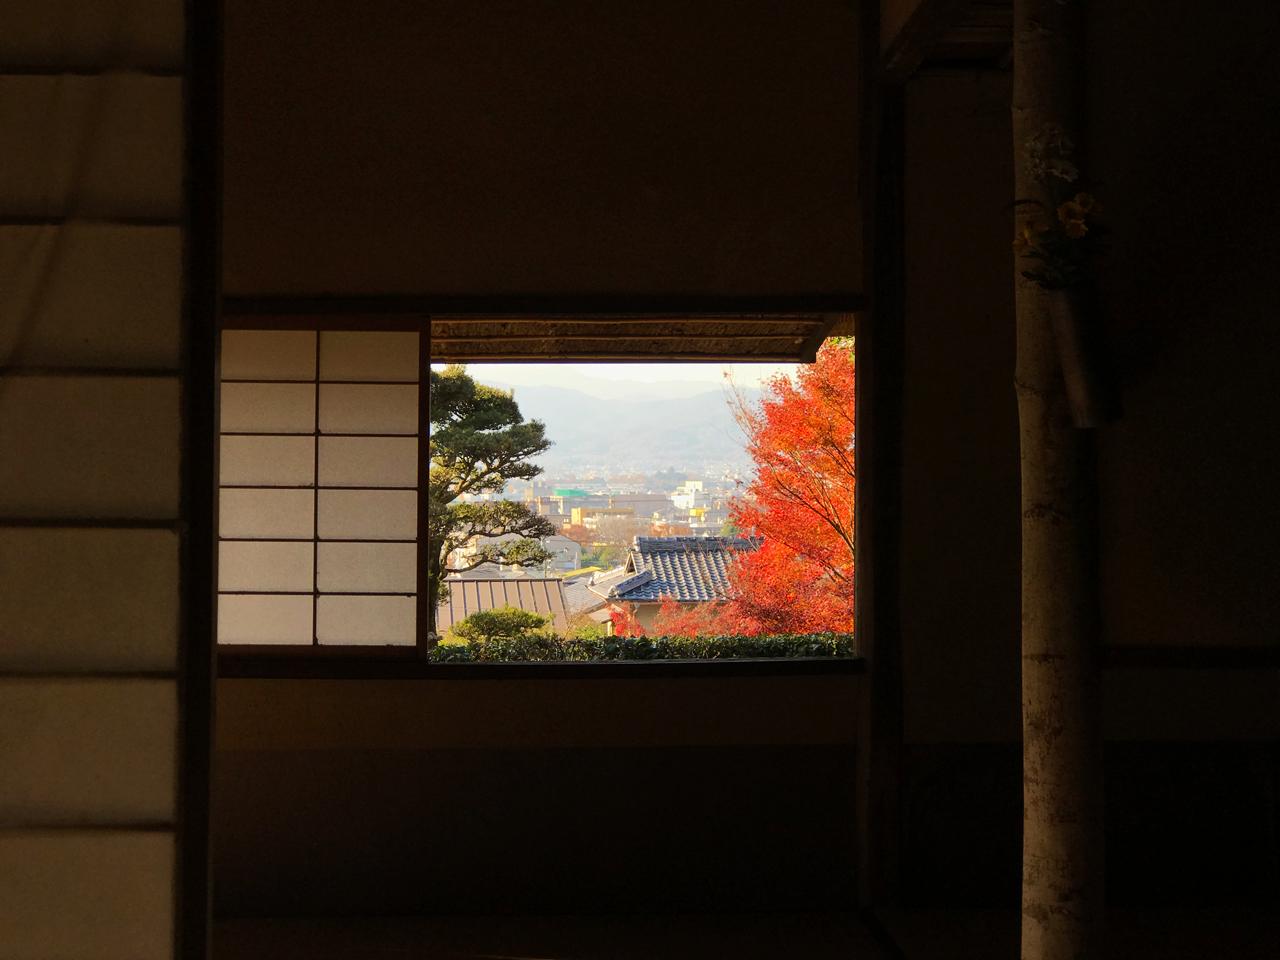 金福寺 芭蕉庵の窓からの風景